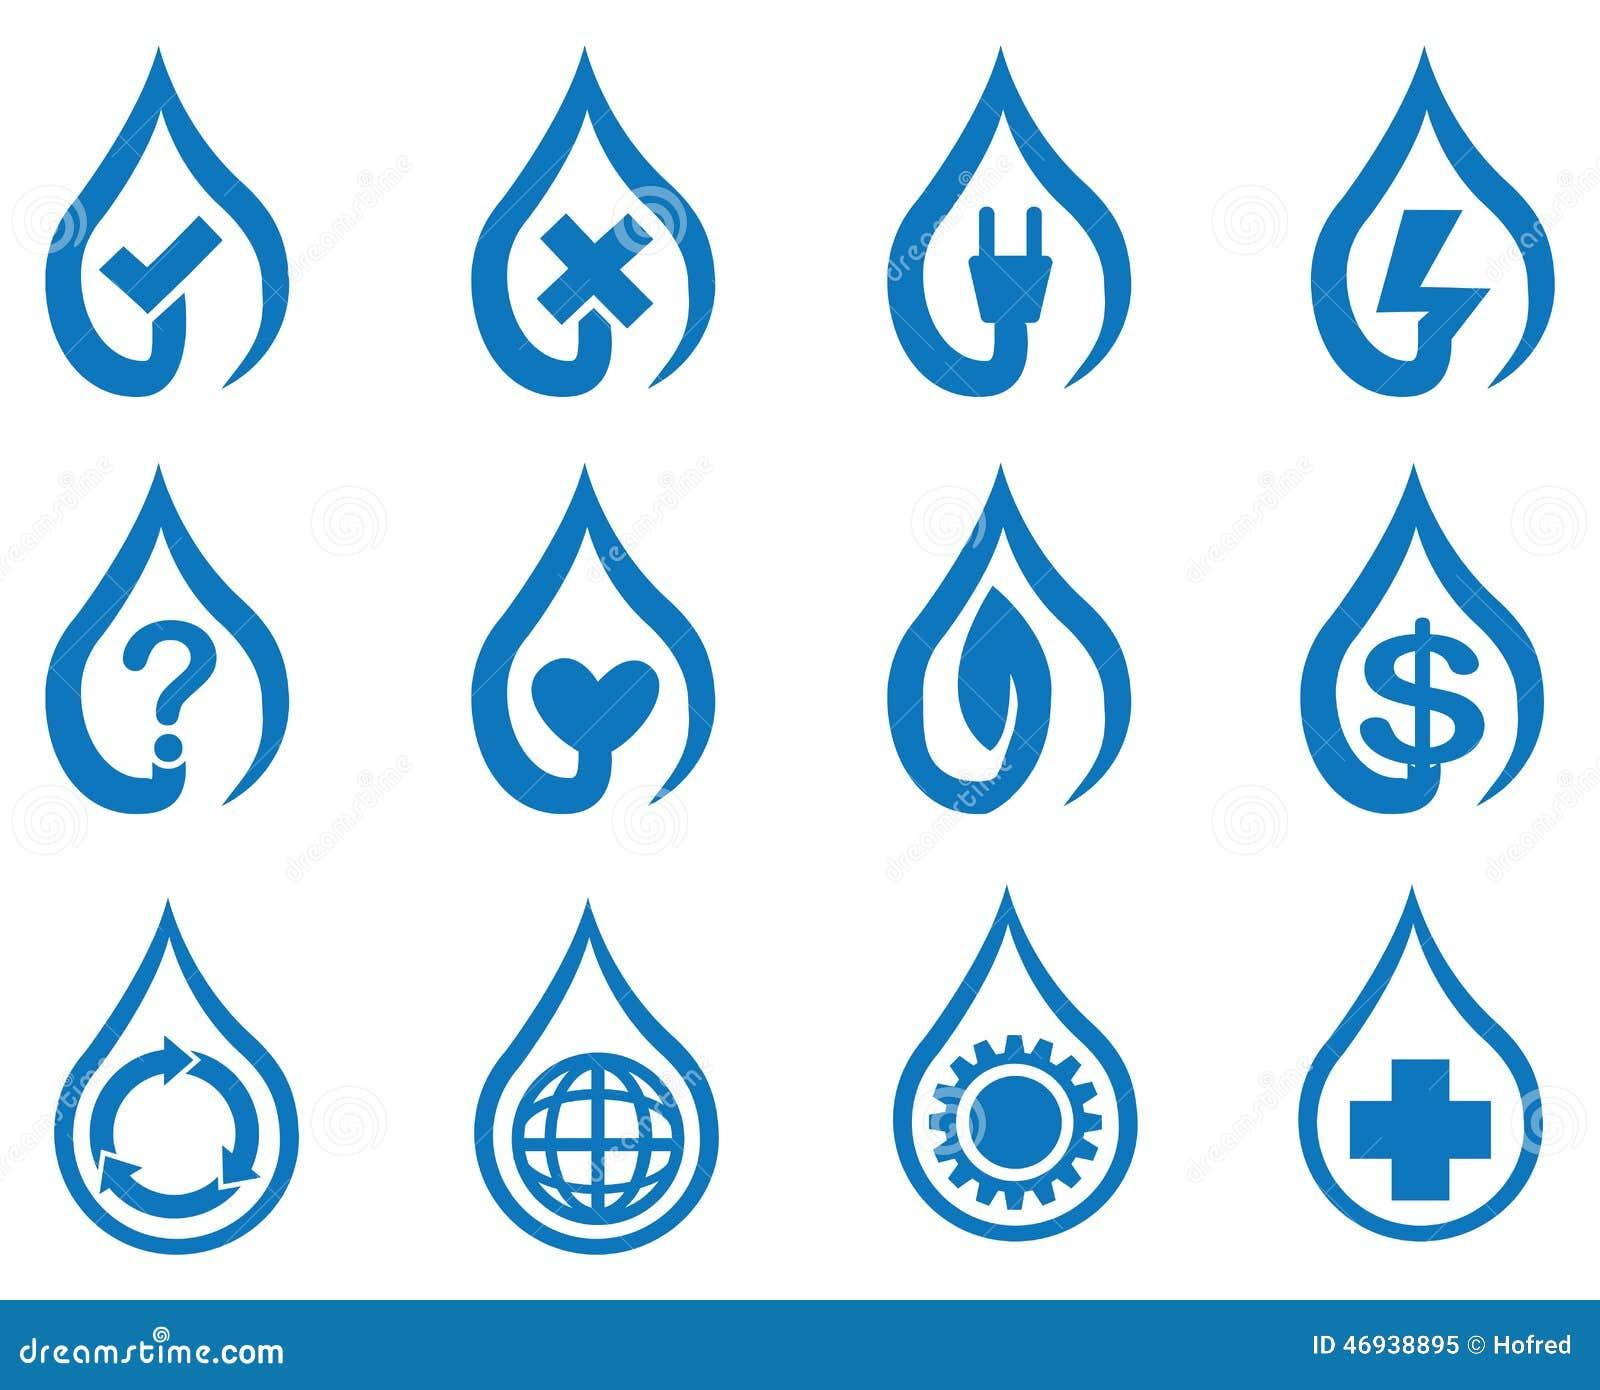 blue vector water drop symbol icon set stock vector